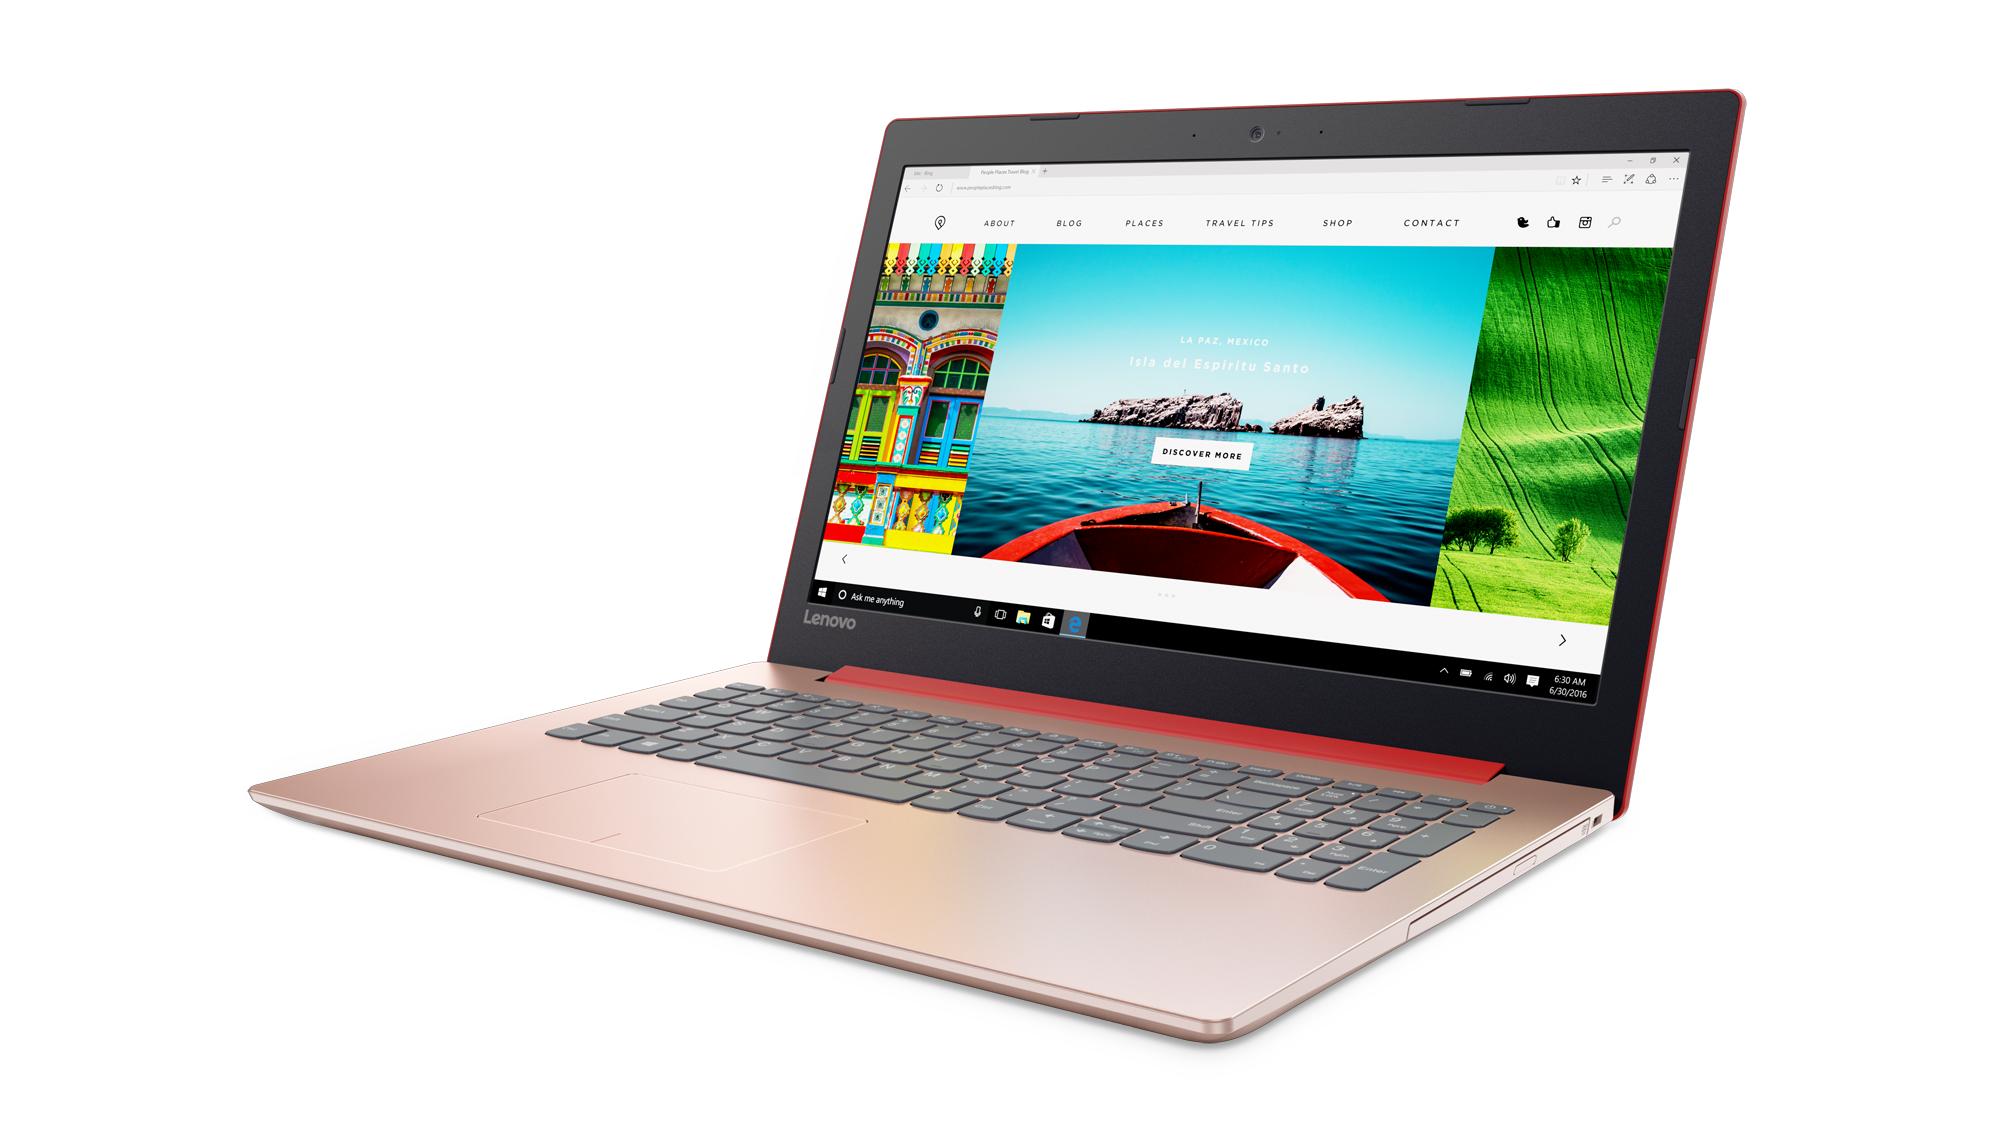 """Lenovo IdeaPad 320-15AST AMD A9-9420 3,00GHz/8GB/1TB/15,6"""" FHD/AG/Radeon 2GB/WIN10 červená 80XV0063CK"""